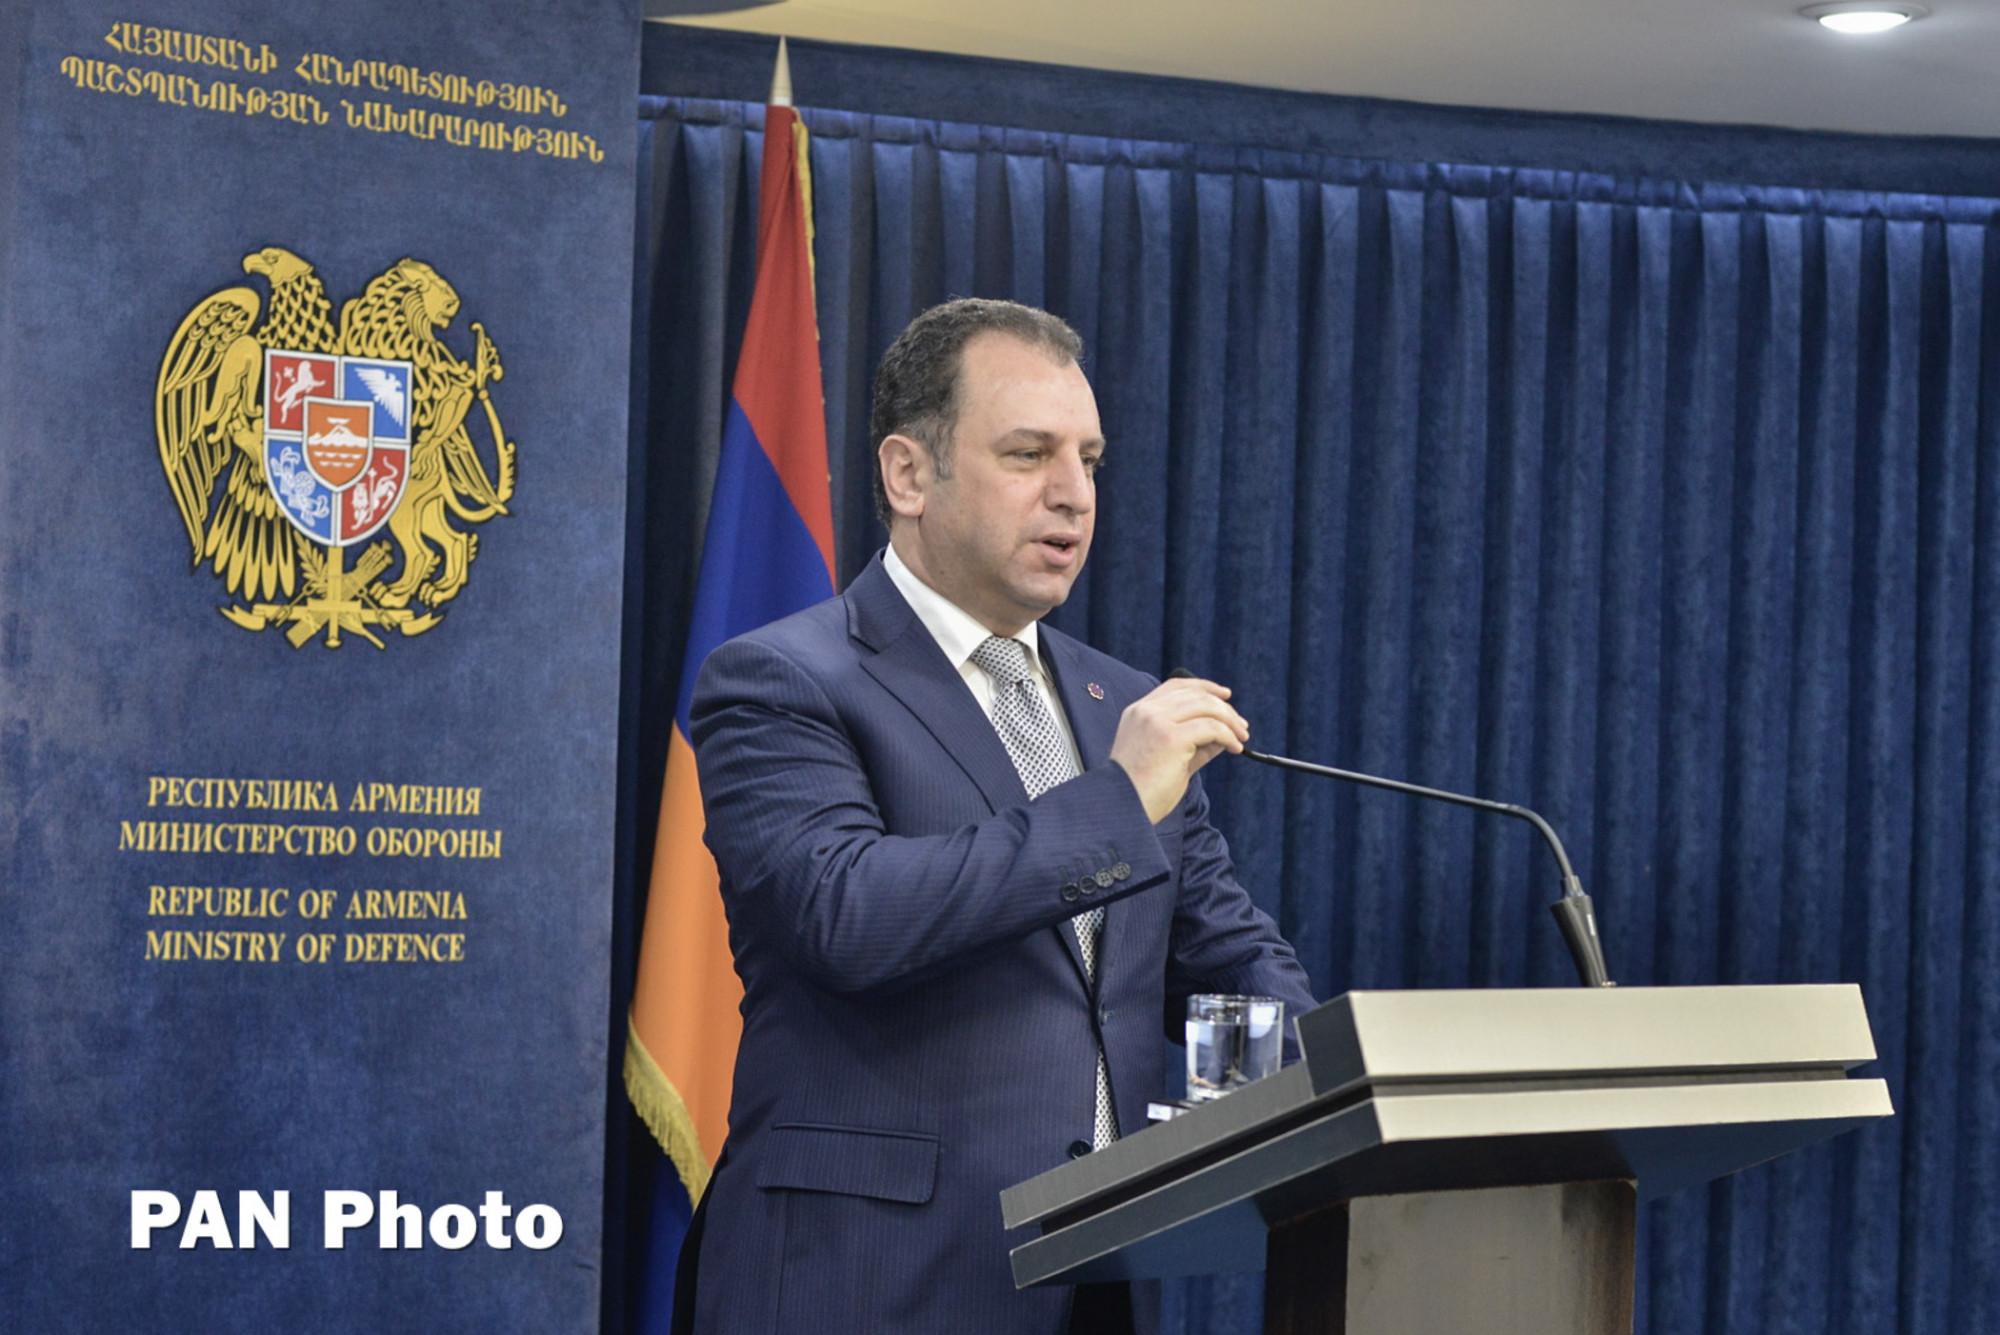 Новые программы минобороны Армении не преследуют цель увеличить число военнослужащих: мы всего лишь предоставляем возможность выбора – В. Саргсян